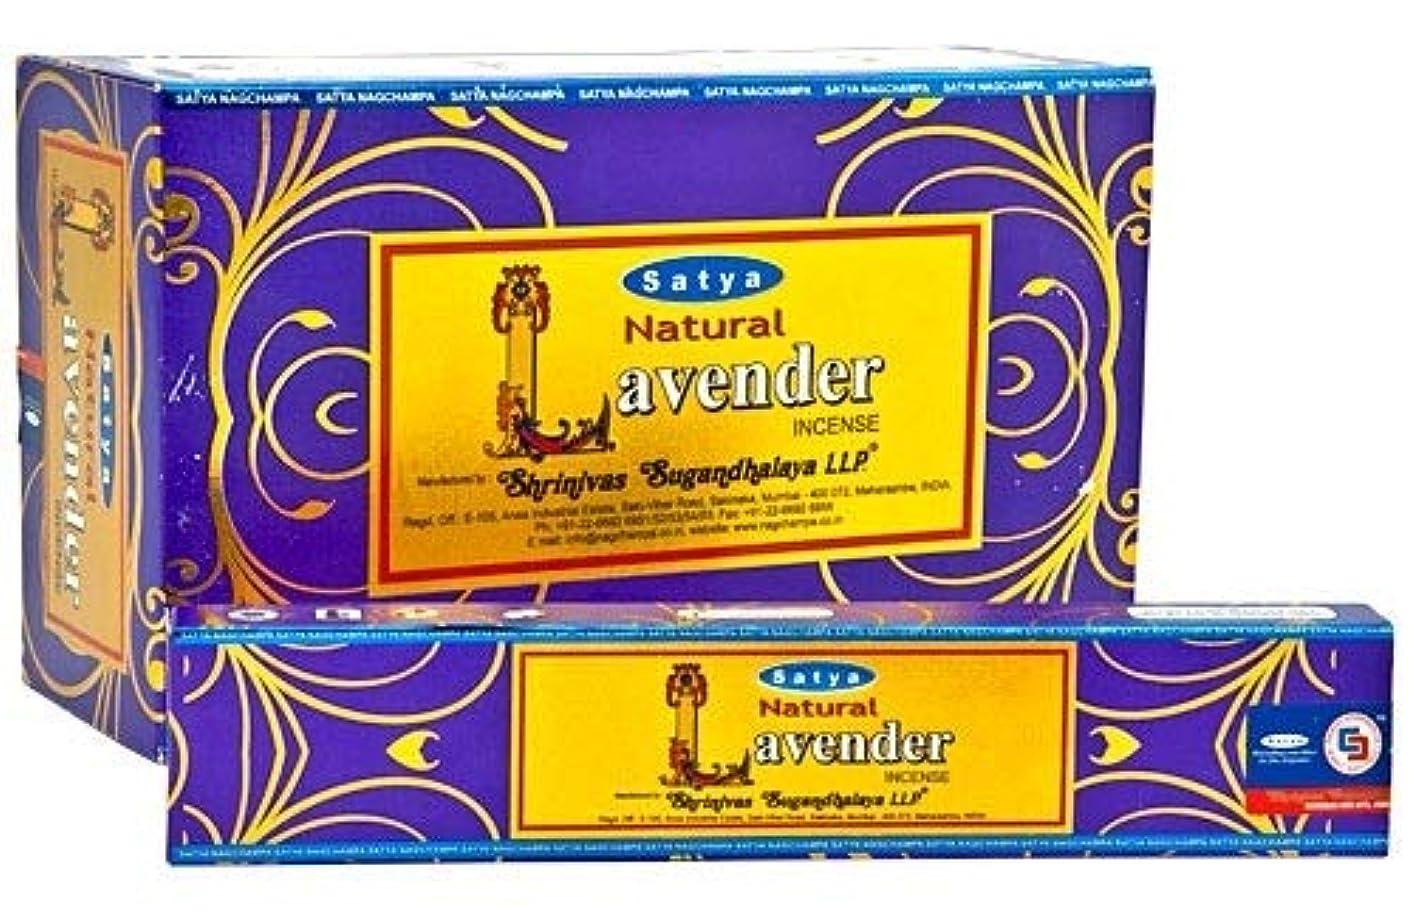 豚仕事に行く溶けるSatya 天然ラベンダーお香スティック アガーバッティ 15グラム x 12パック 180グラムボックス 輸出品質